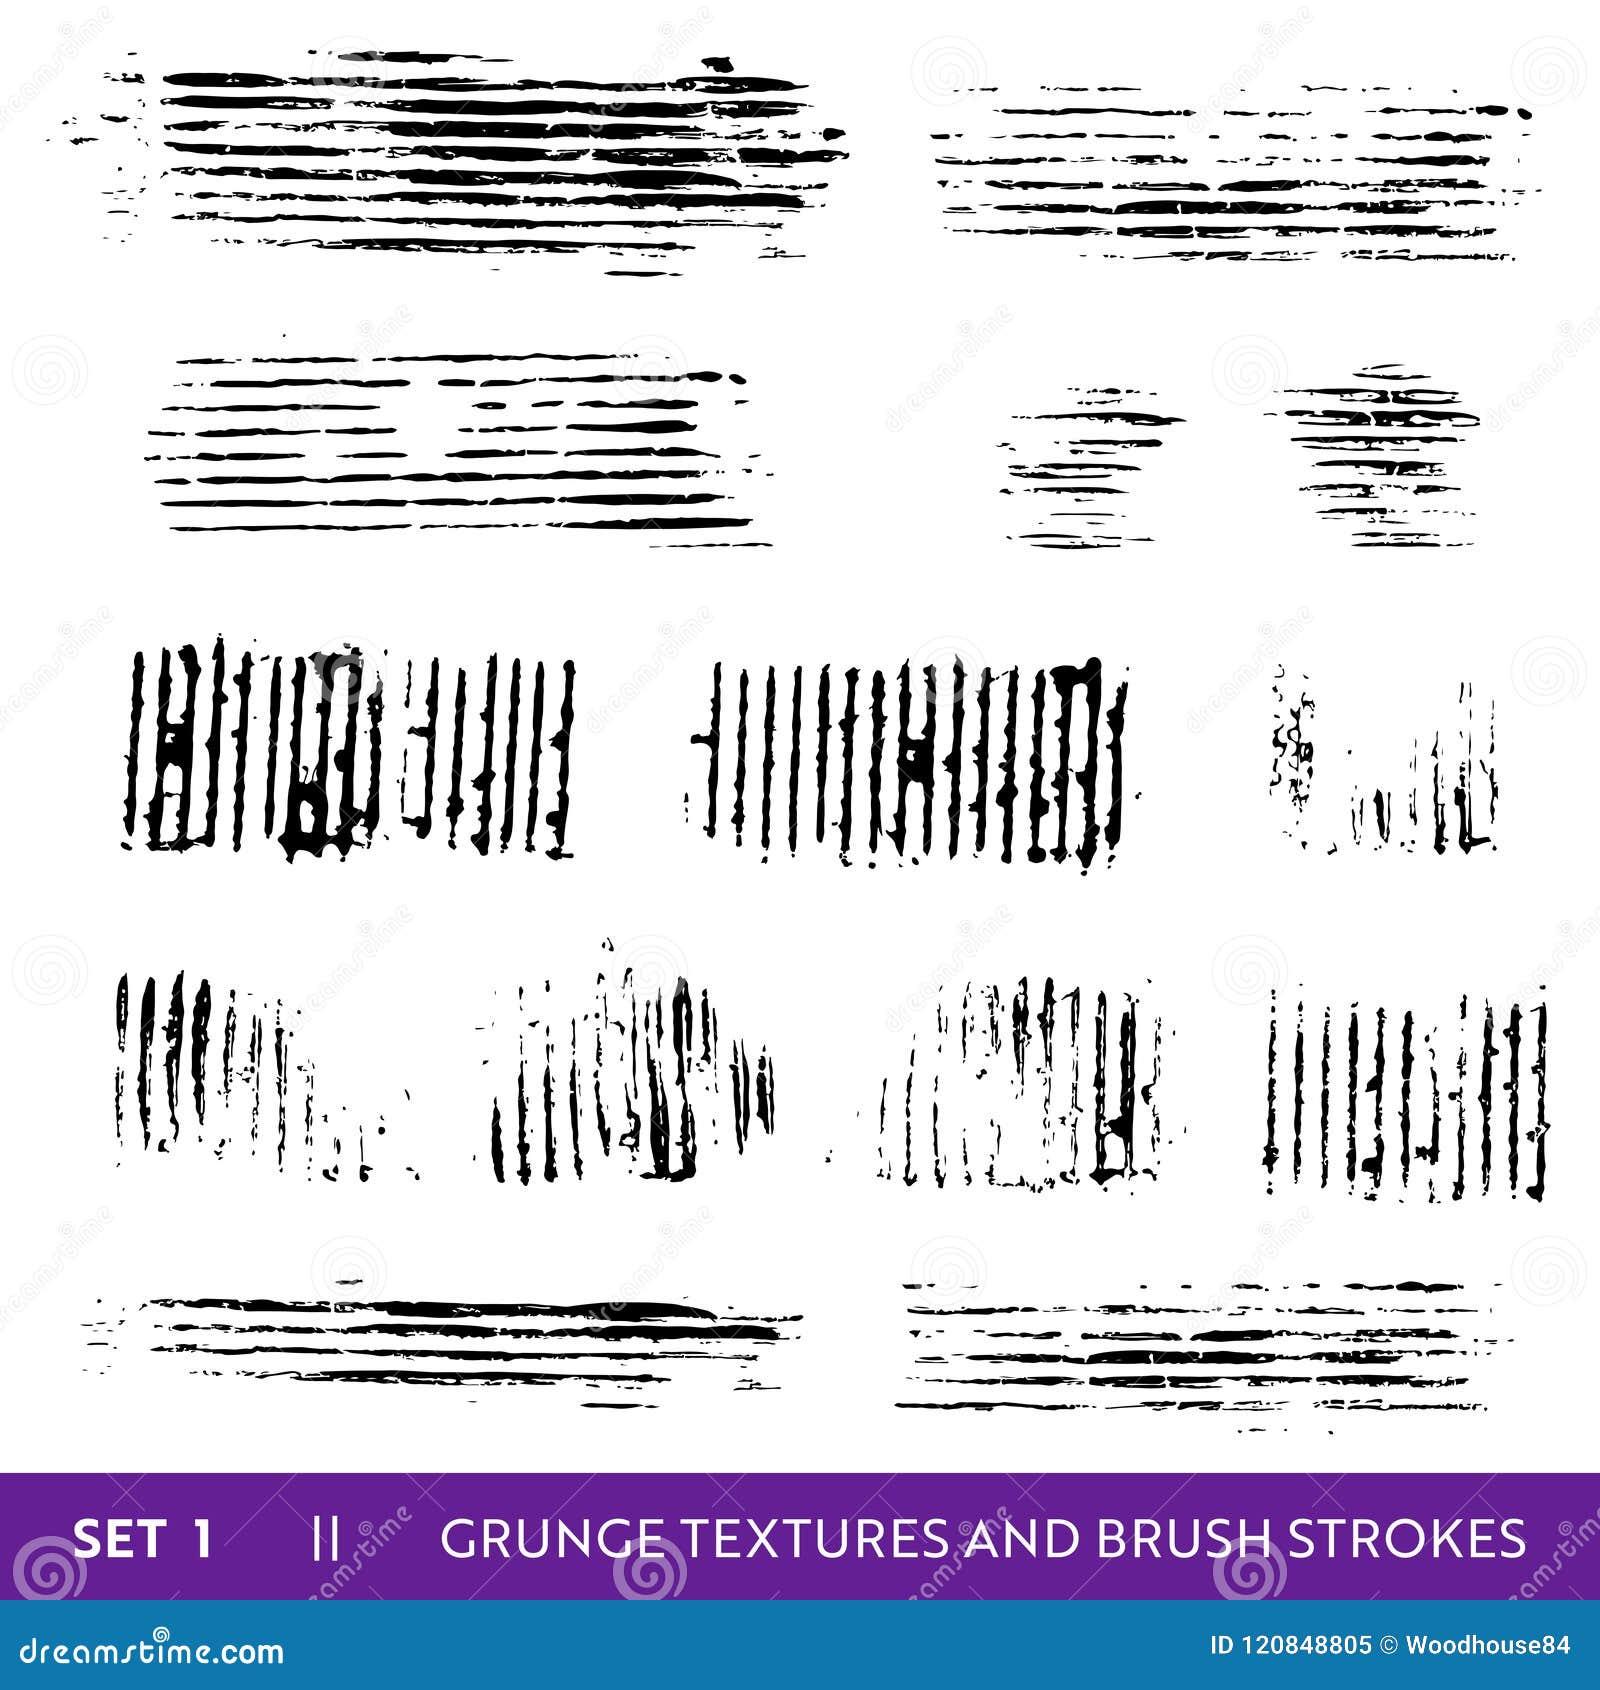 Συλλογή Grunge κτυπημάτων βουρτσών μελανιού Βρώμικα στοιχεία σχεδίου καθορισμένα Χρώμα Splatters, ελεύθερες βρώμικες γραμμές